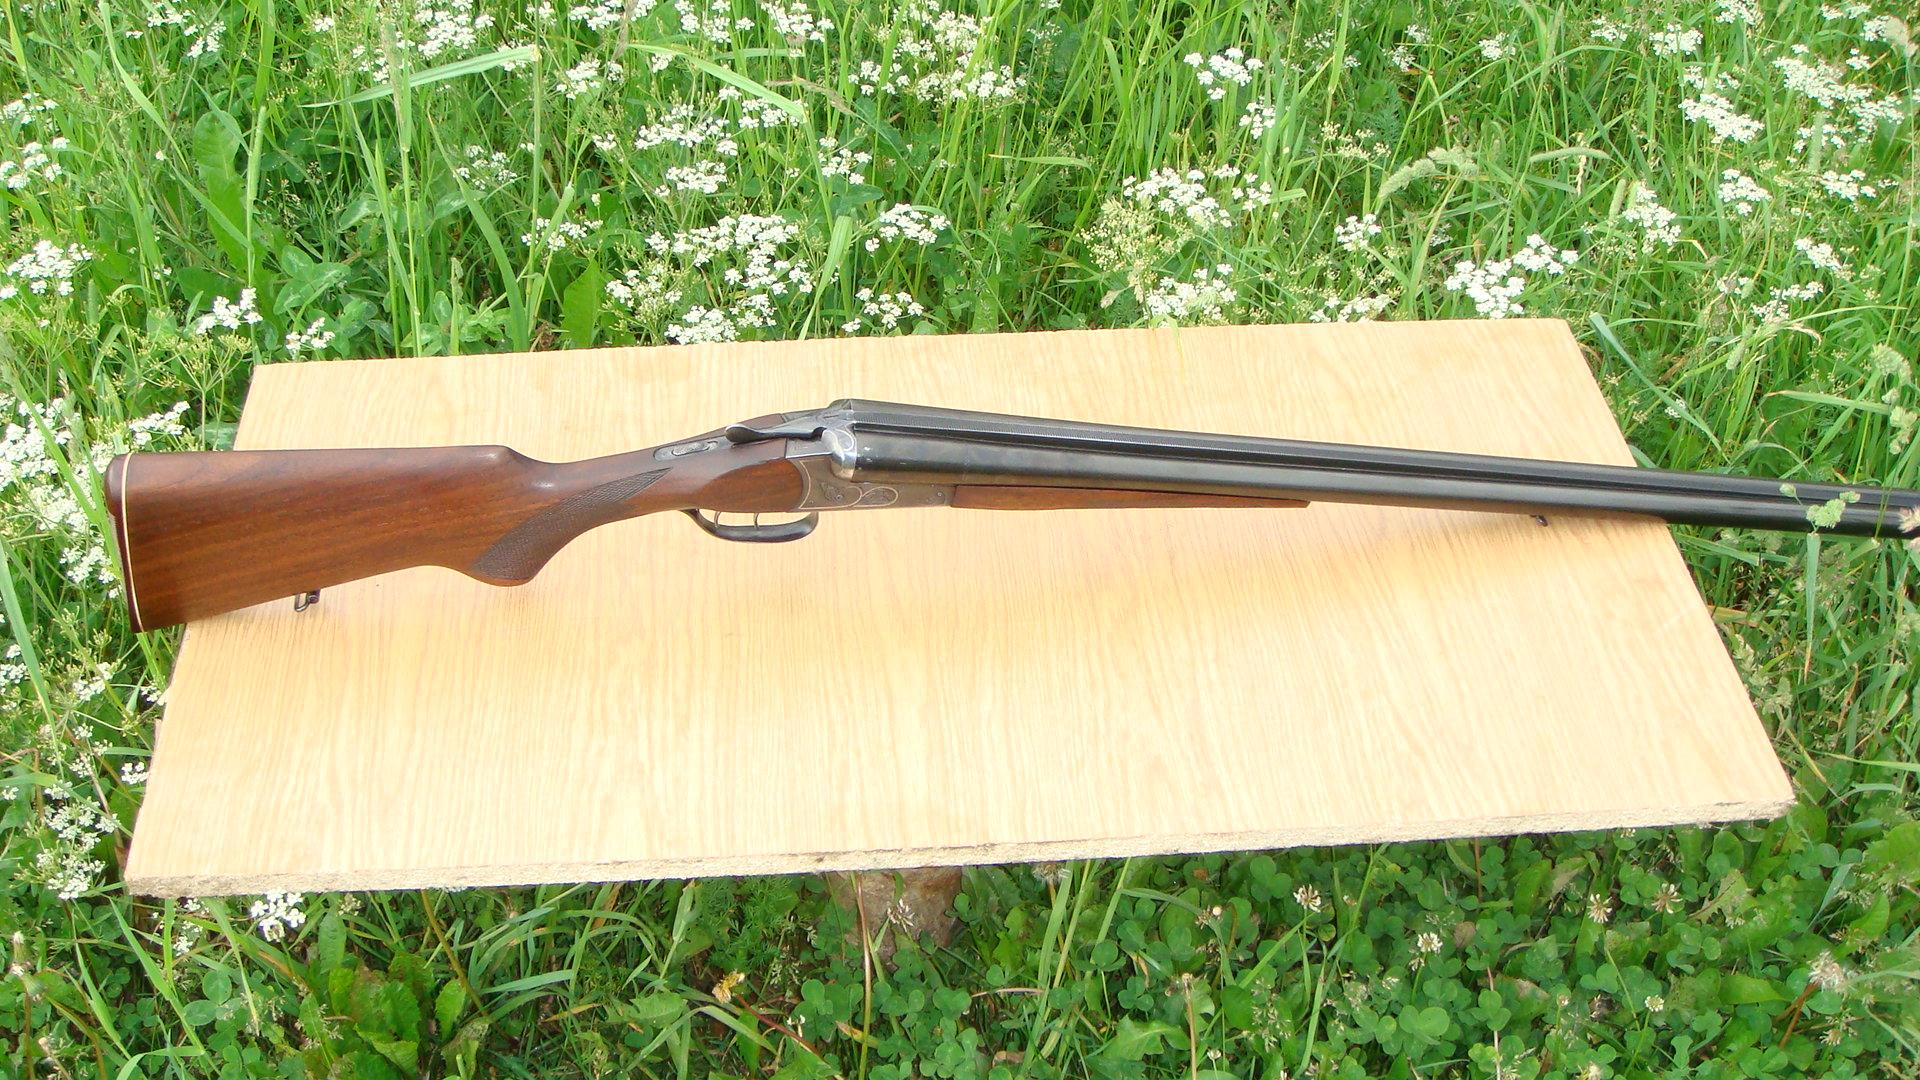 ЧМ, ружье иж 58 его характеристики преимущества недостатки цена тоже